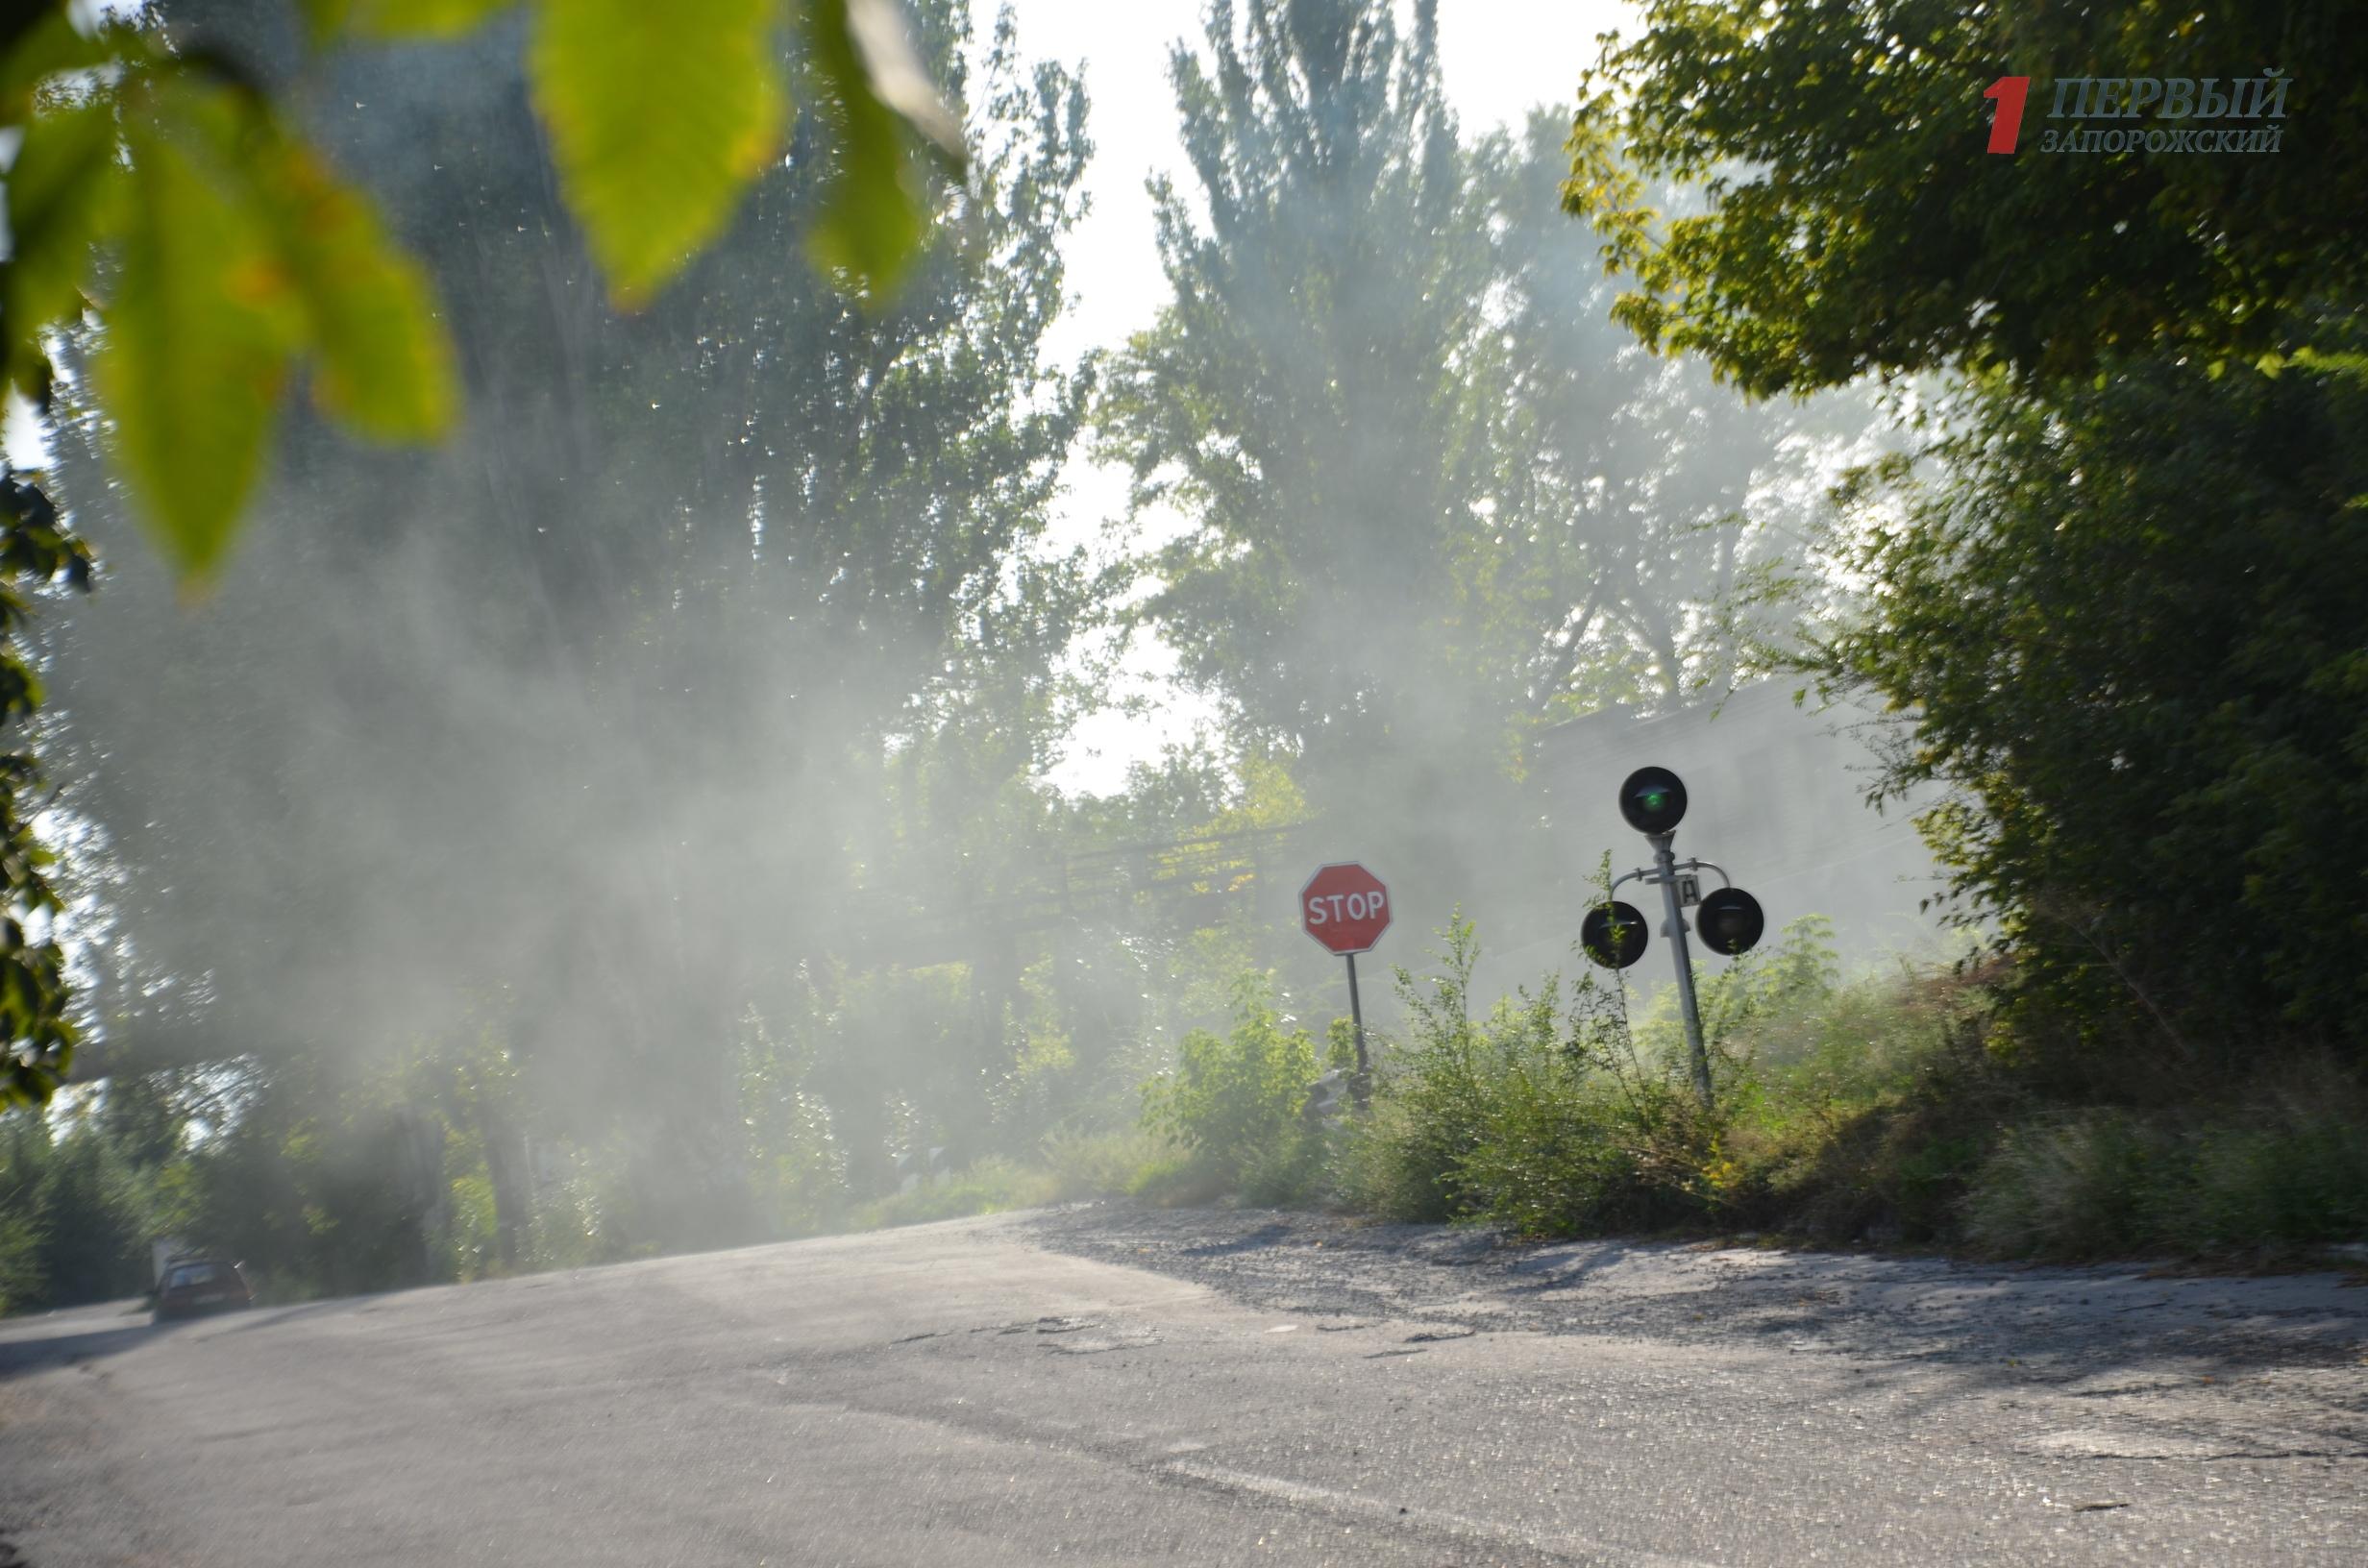 Жители Запорожья жалуются на едкий дым в одном из районов города - ФОТО, ВИДЕО